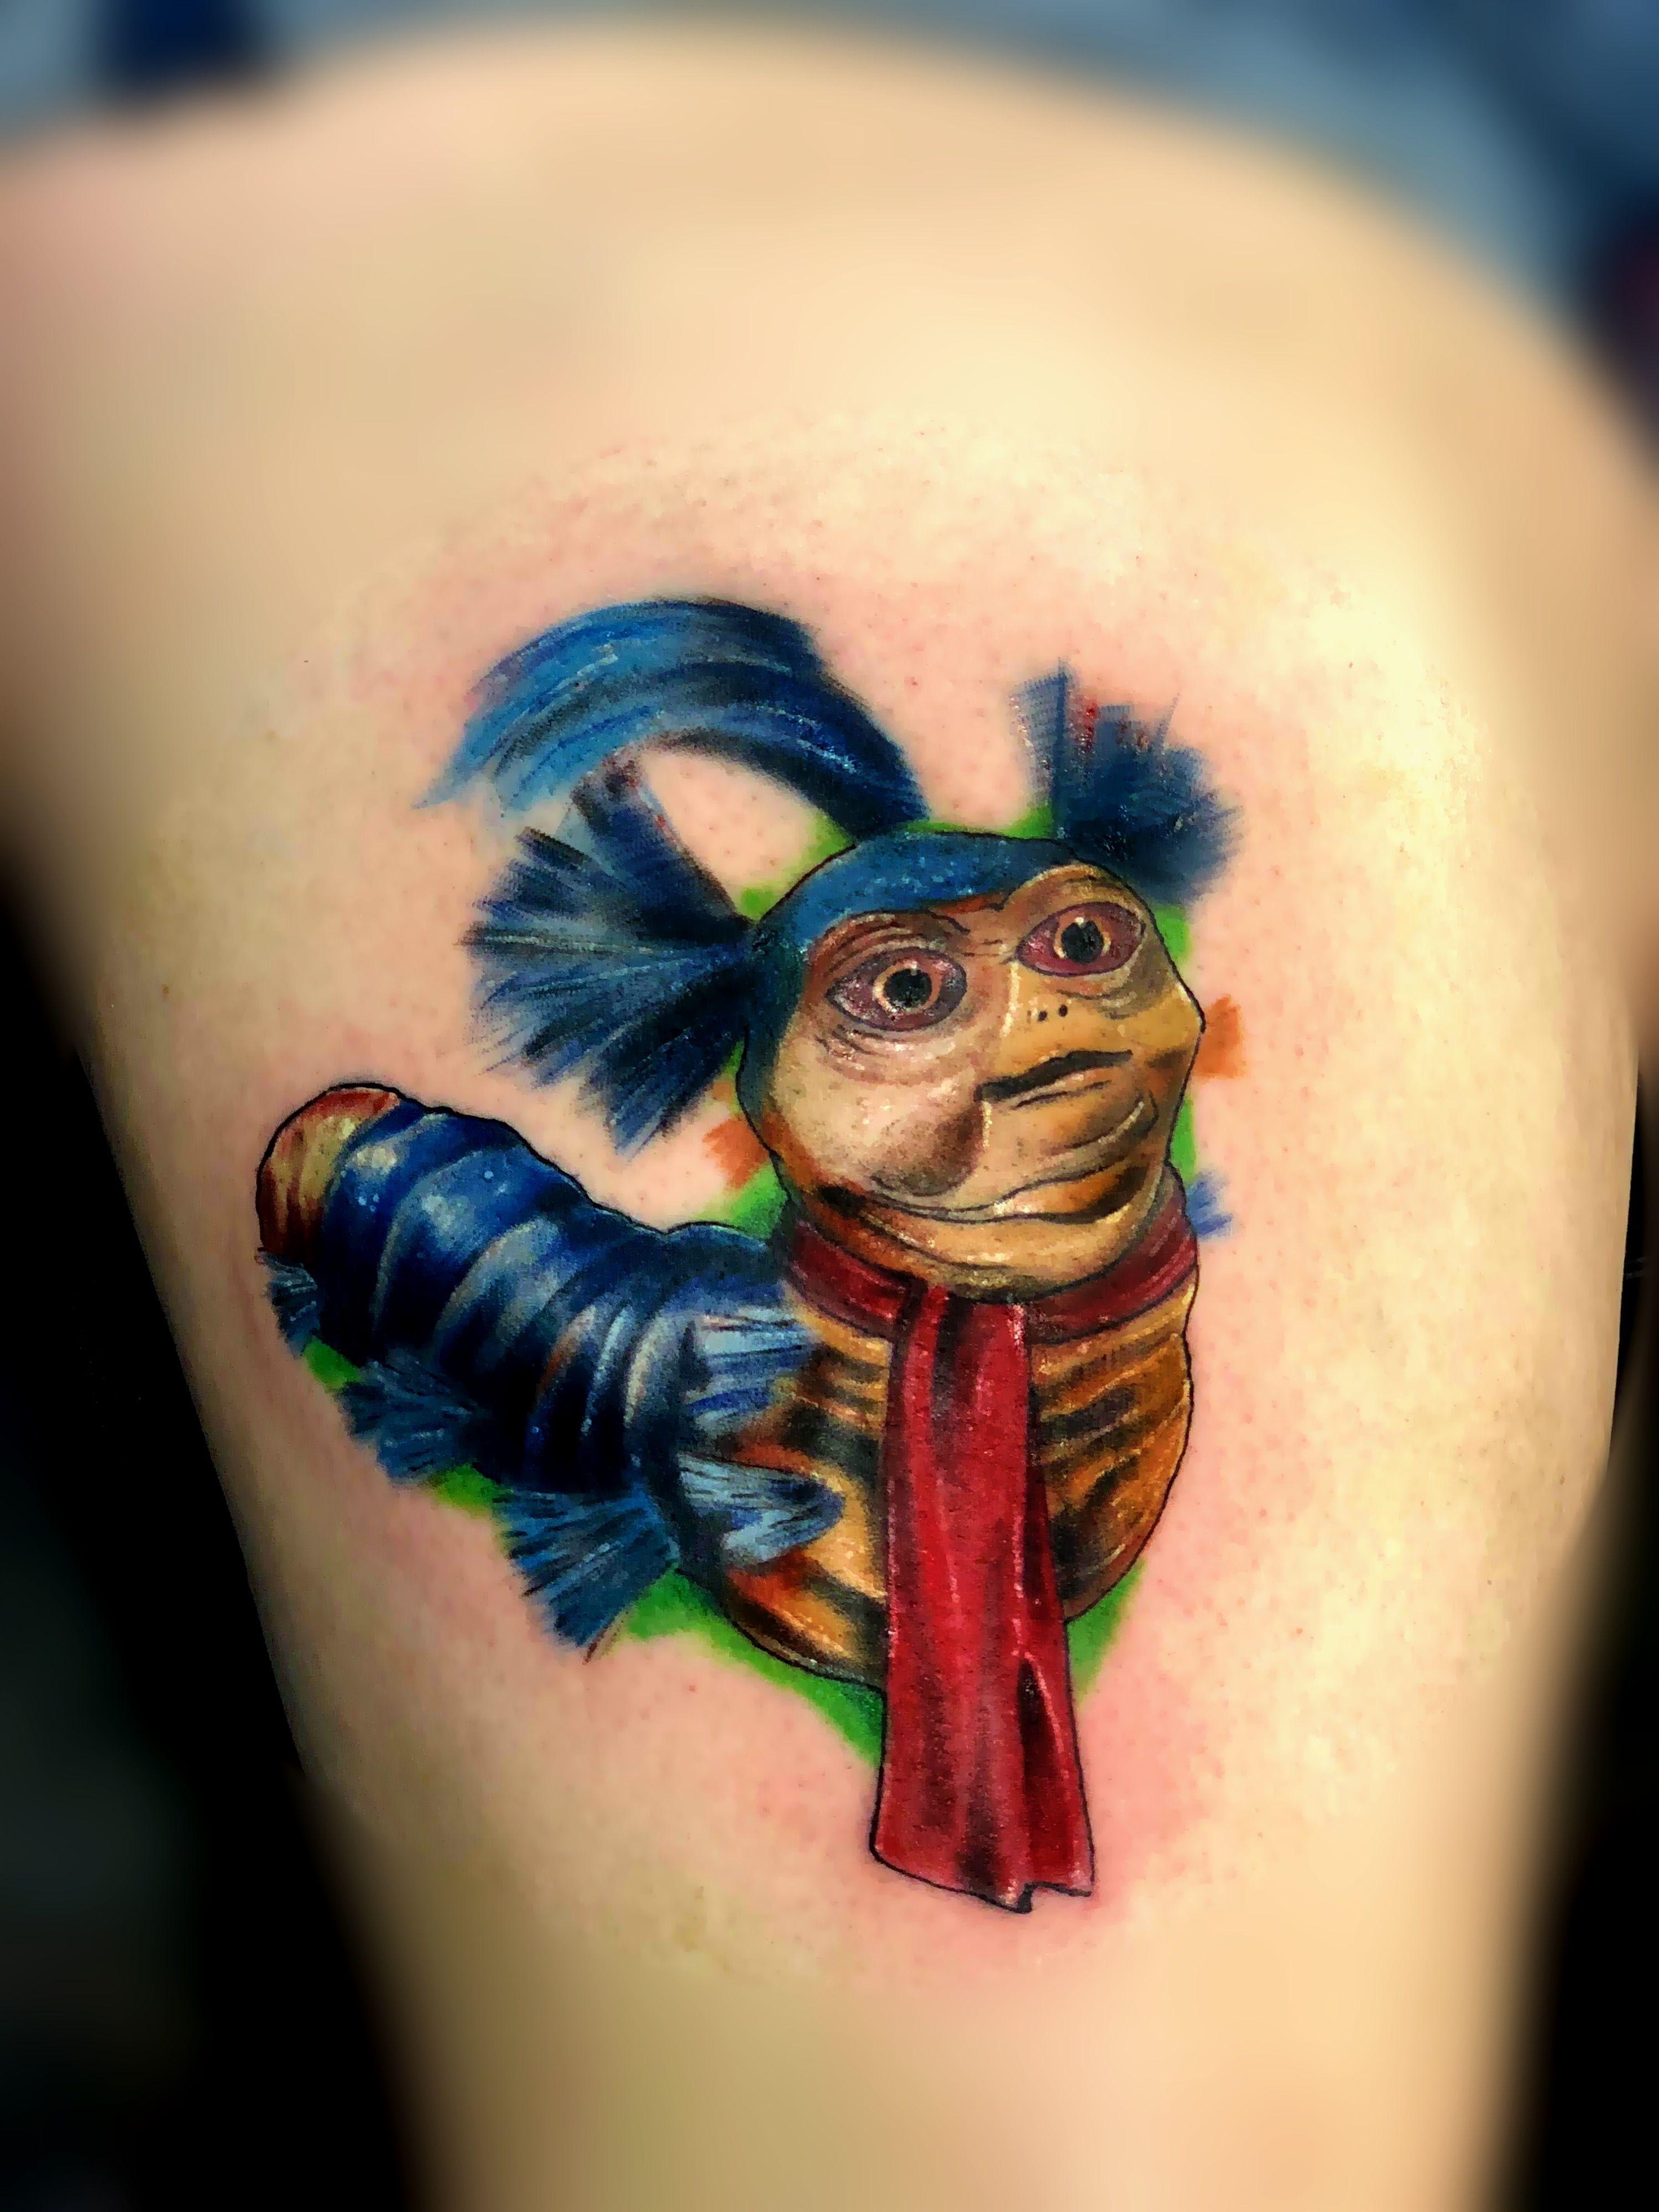 Cool worm from The Labyrinth I tattooed | Labyrinth tattoo